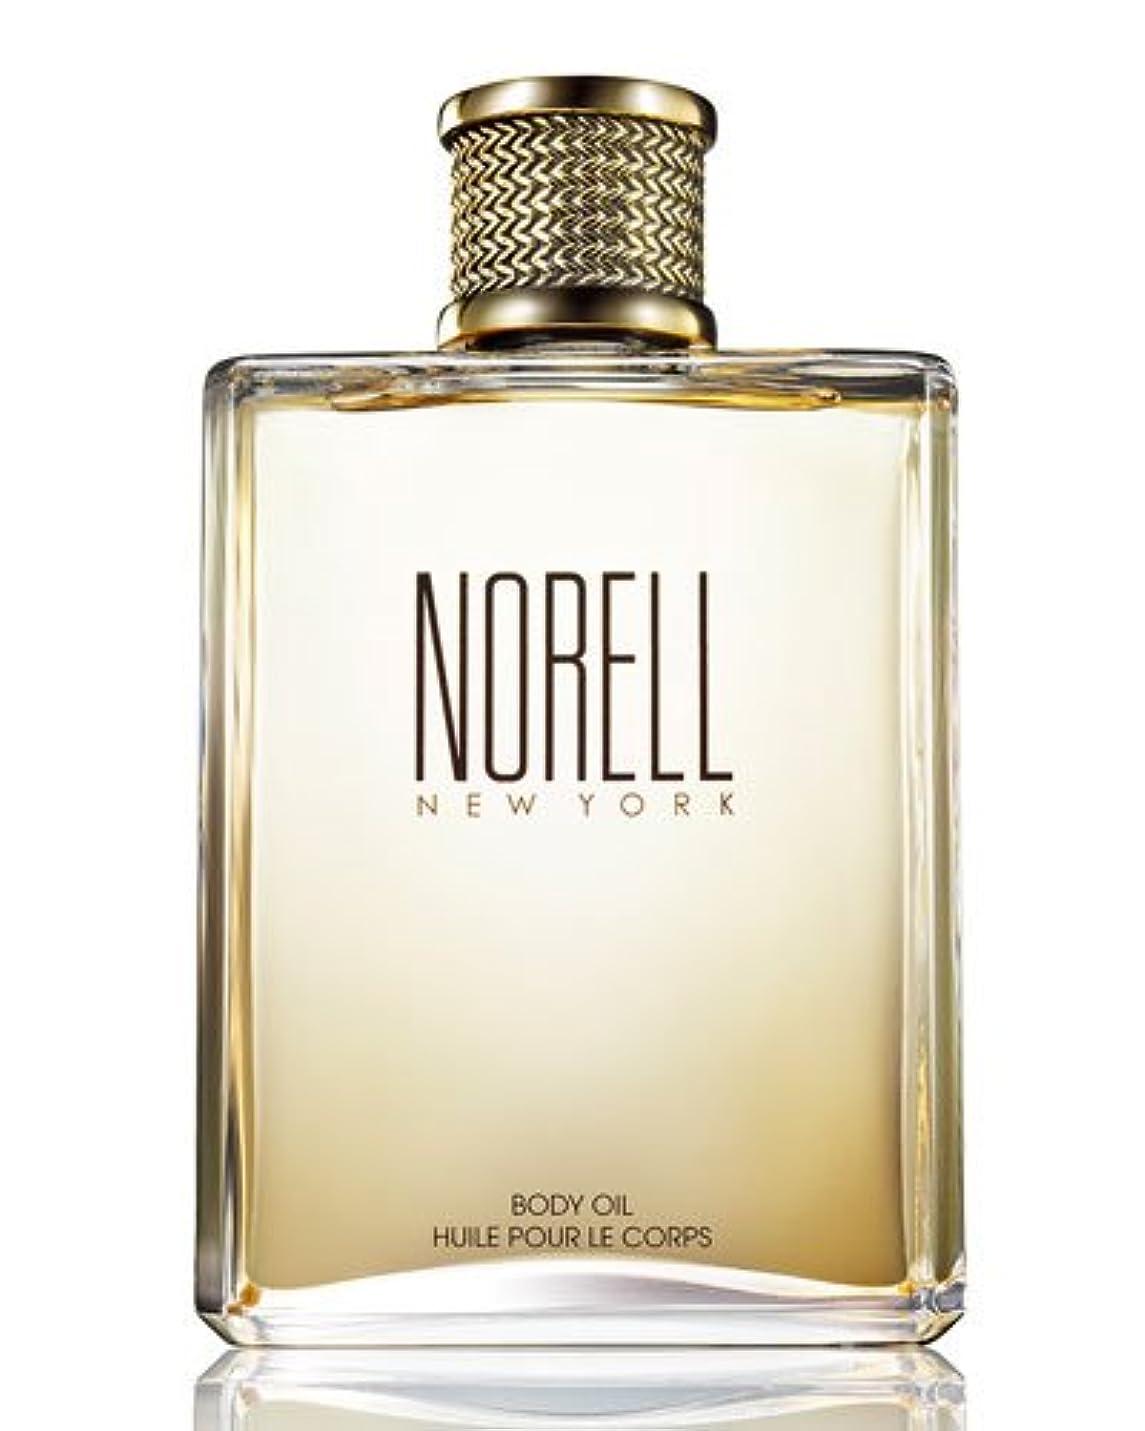 一流無謀ラップNorell (ノレル) 8.0 oz (240ml) Body Oil by Norell New York